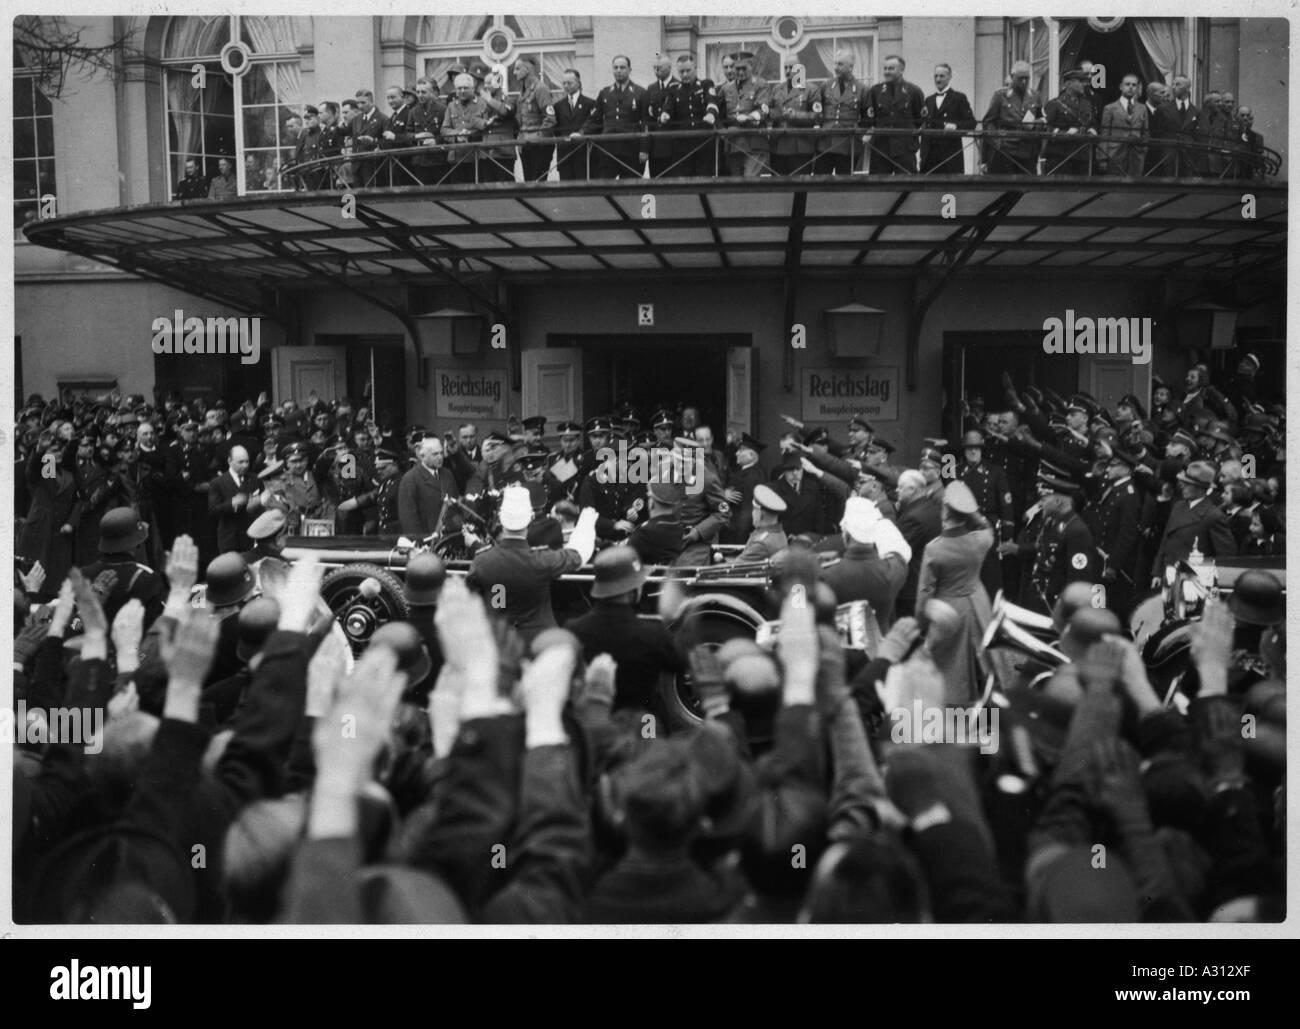 Hitler Kroll Opera 1936 - Stock Image